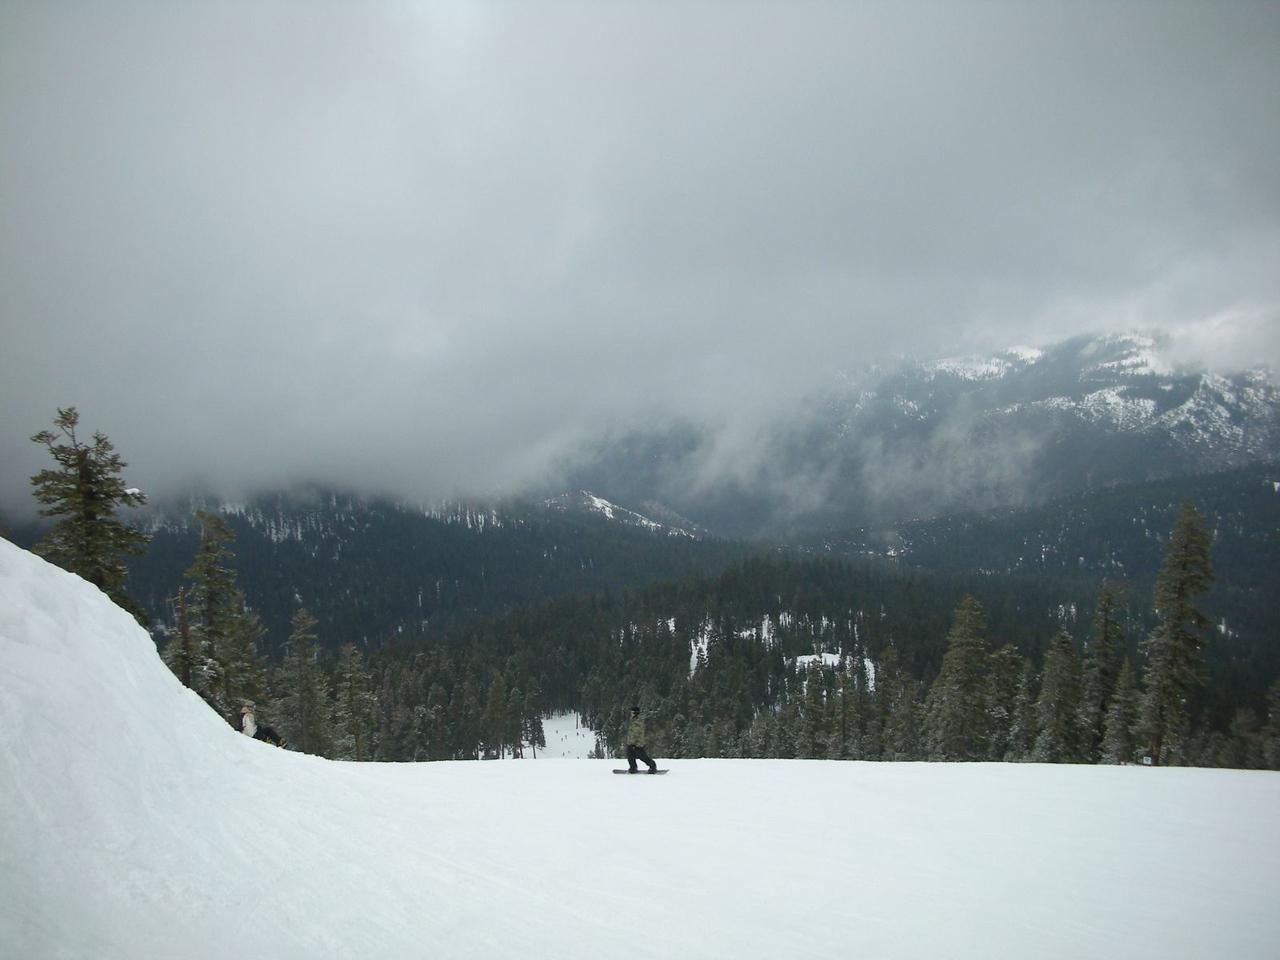 Ahhh...the Sierras! Sierra at Tahoe Ski Resort on Westbowl Side